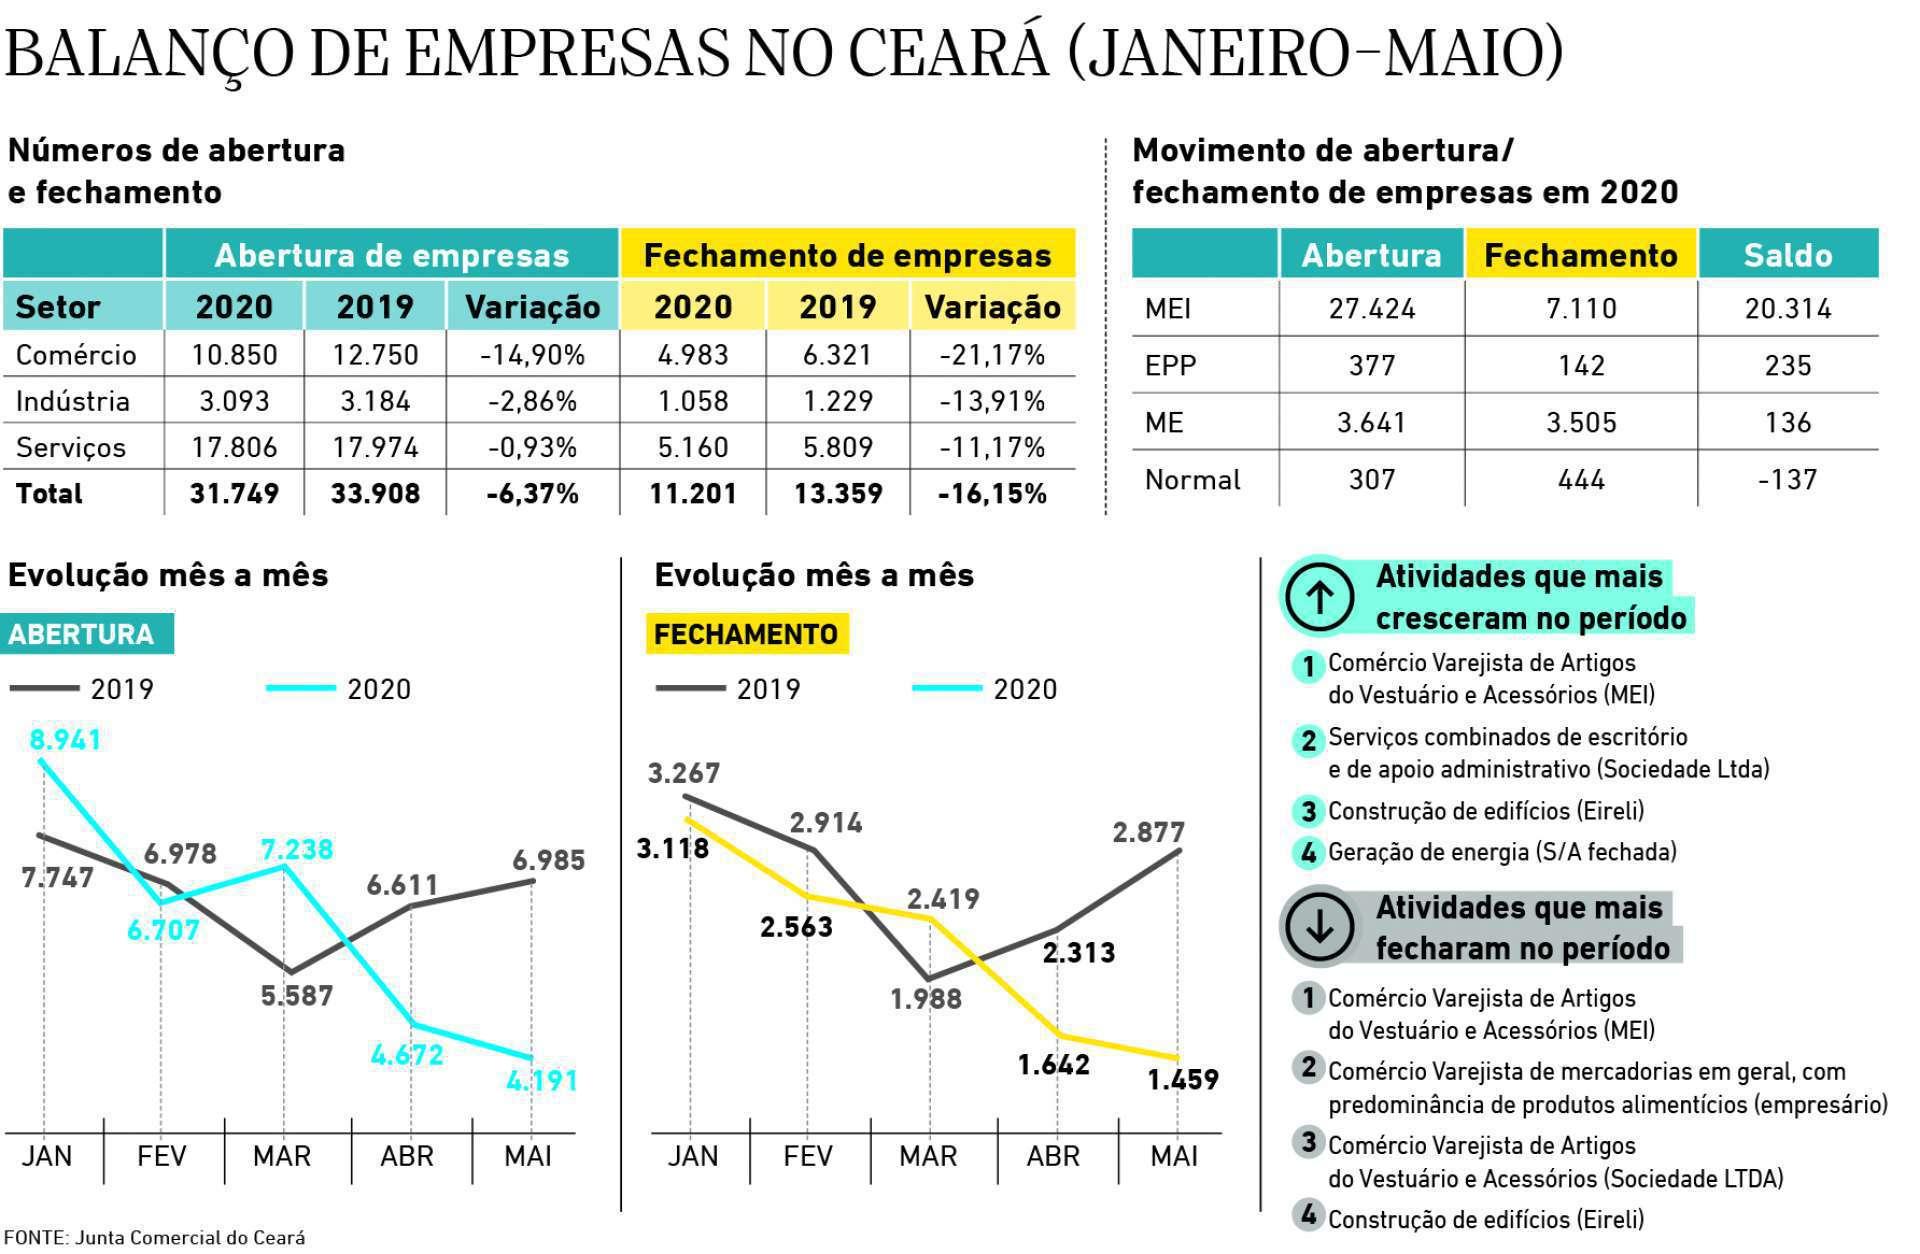 Balanco de empresas no Ceara